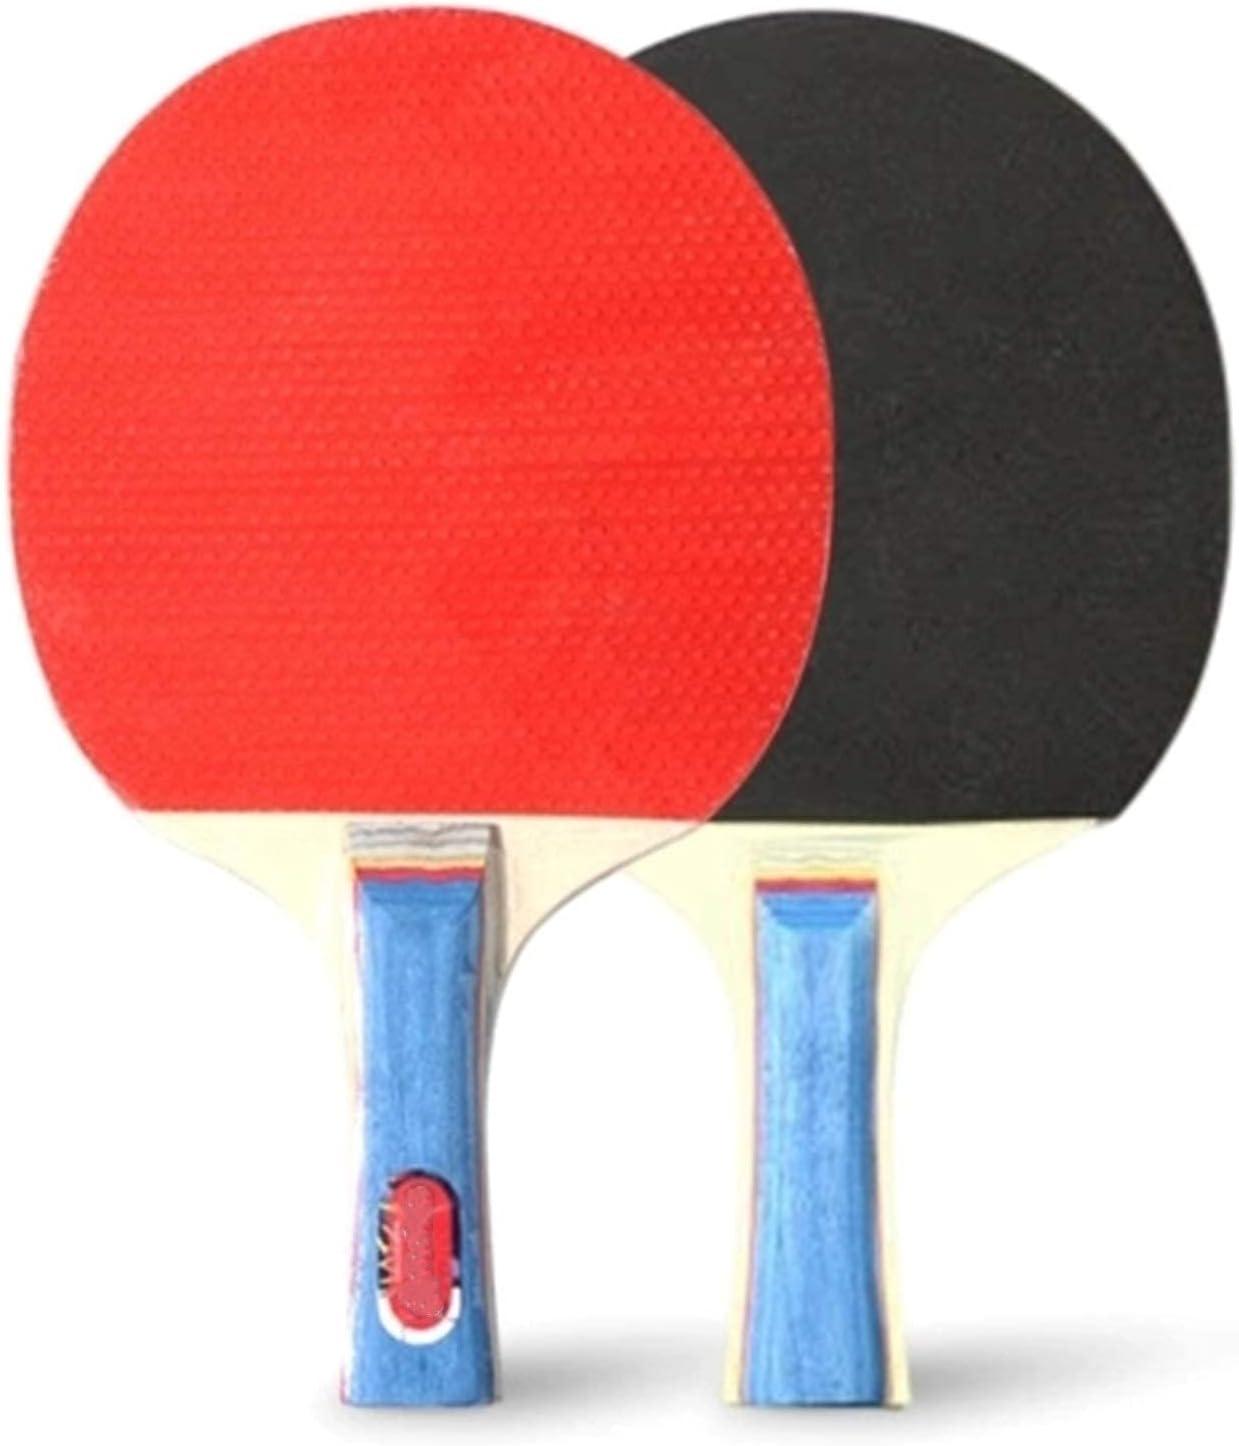 SMYONGPING Ping Pong Paddle San Antonio Mall Paddles Tennis Max 58% OFF 2 Rackets Table